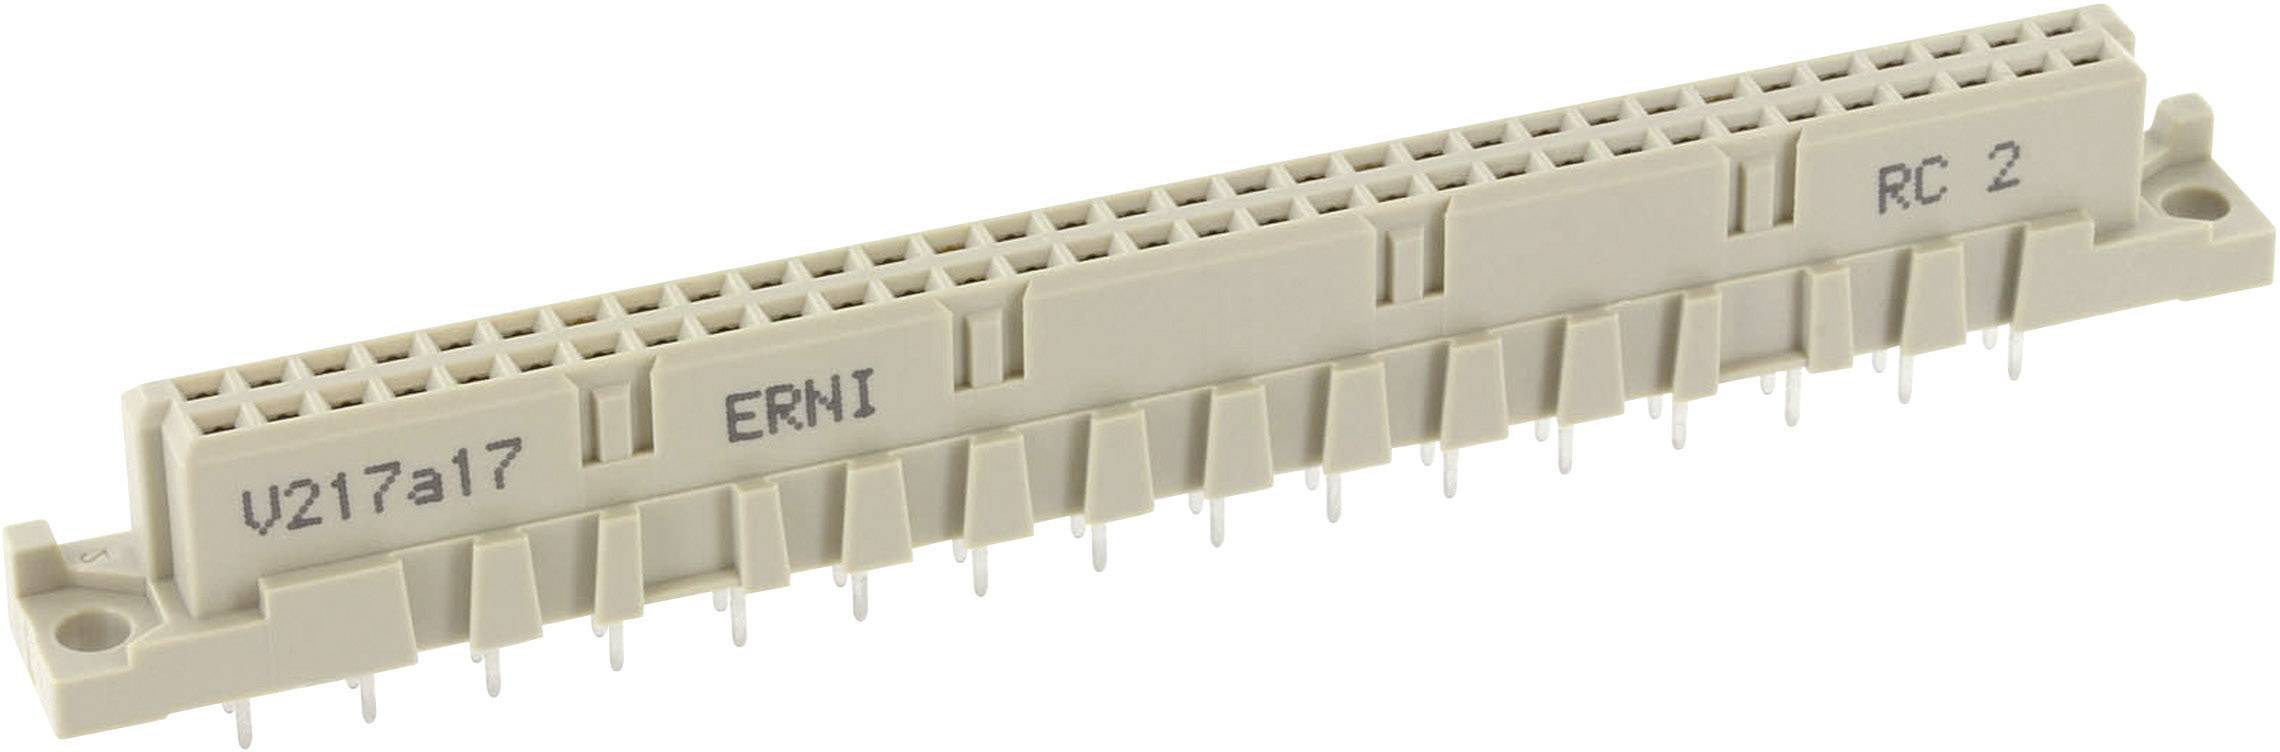 Kolíková lišta ERNI 284164, počet kontaktů 32, řádků 2, 1 ks